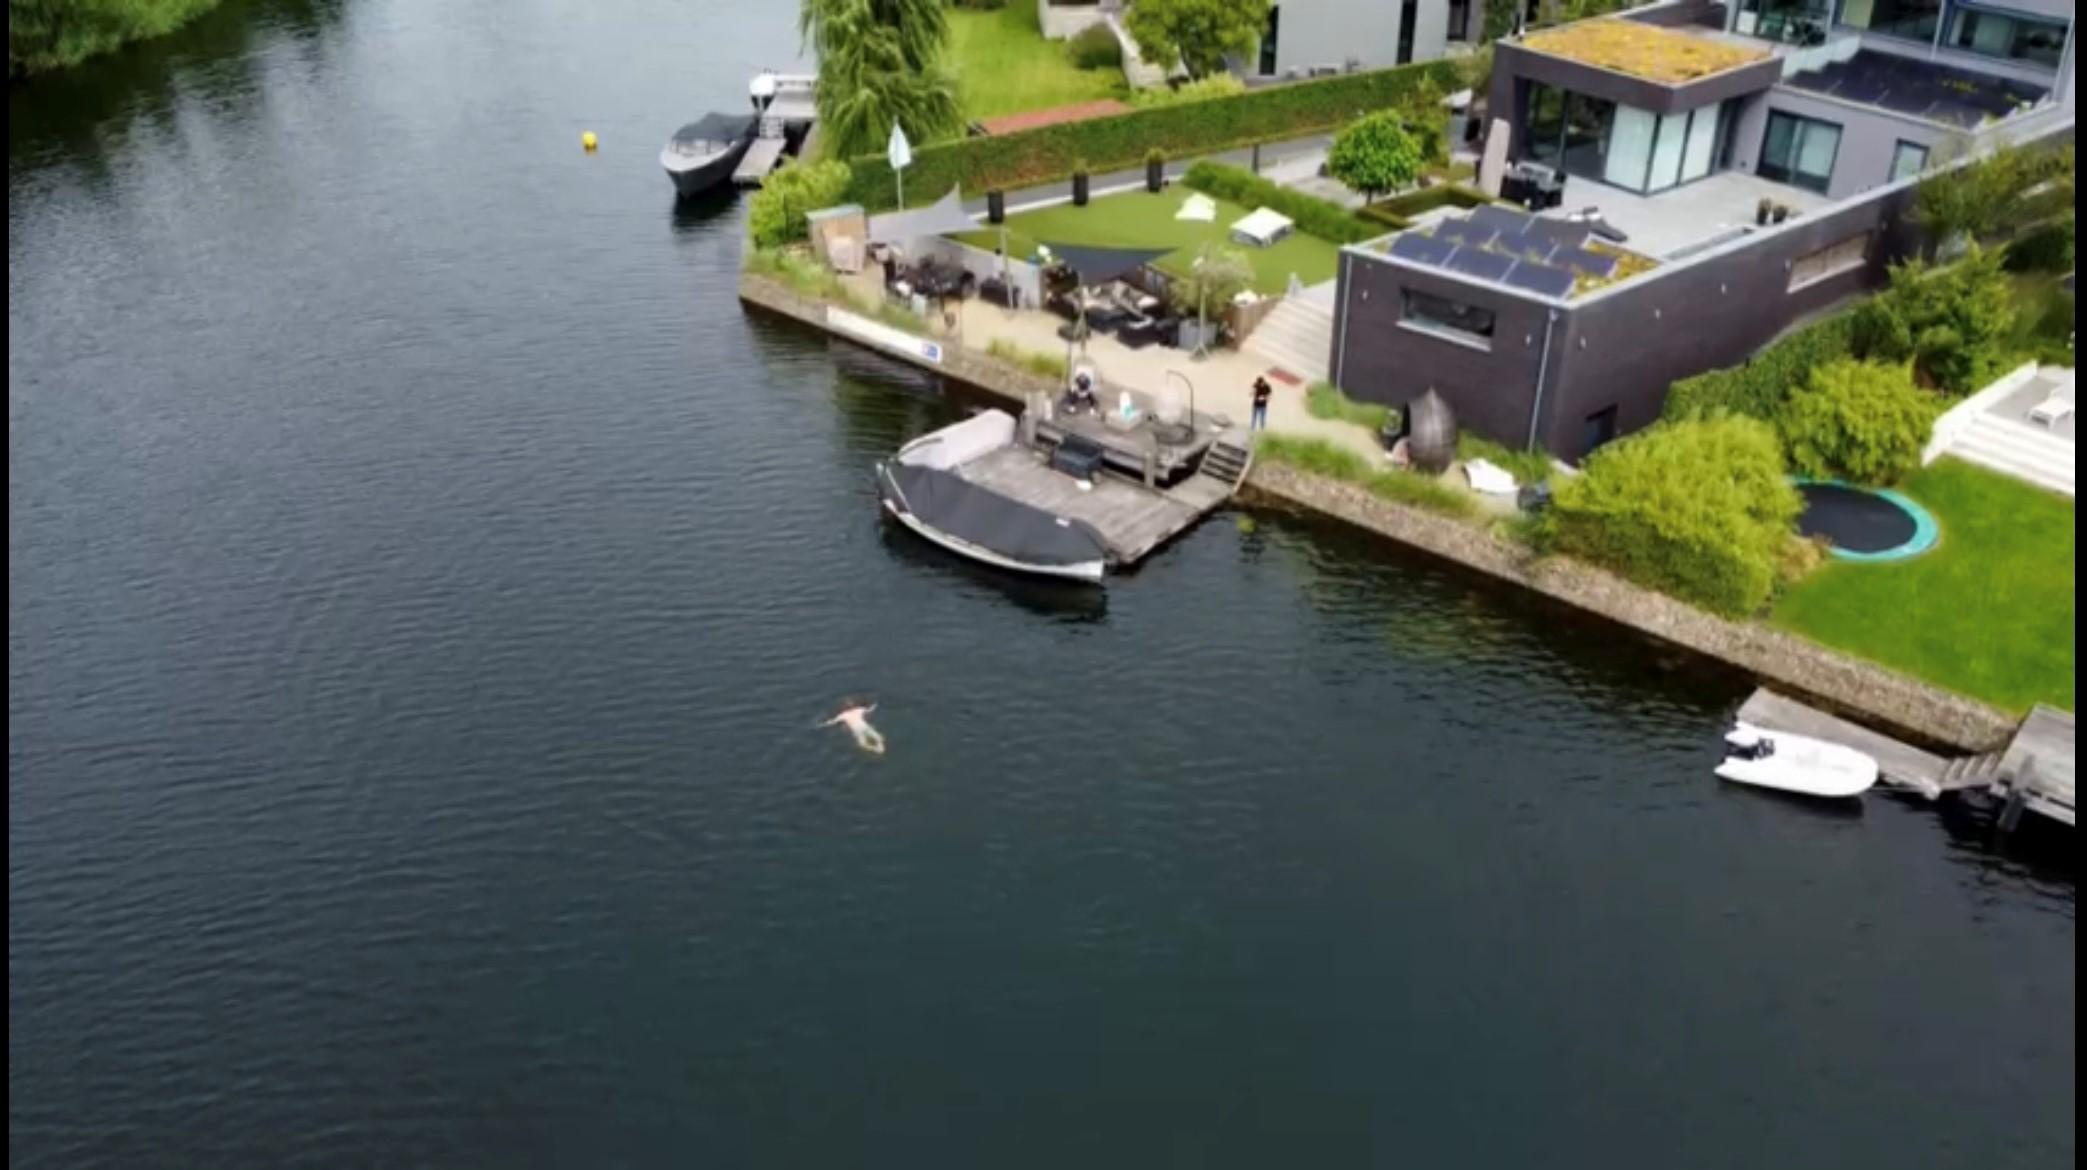 210808 zwemmen in openwater bij de steiger